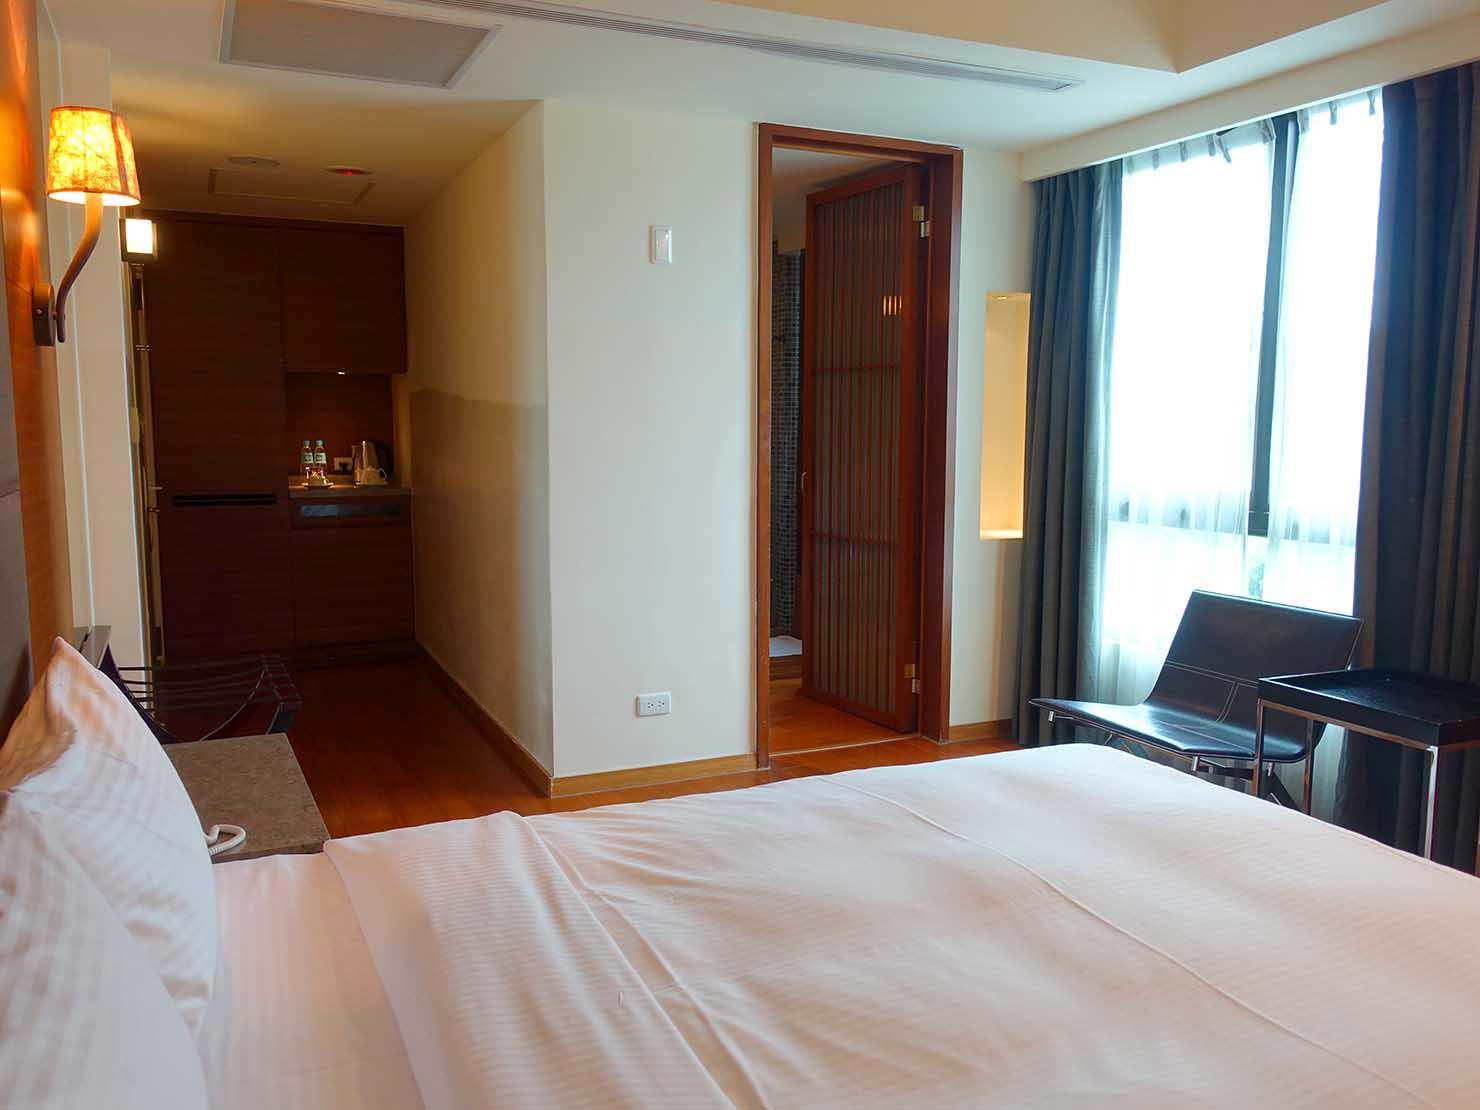 花蓮市街中心部にあるホテル「馥麗生活旅店 Quality Inn」部屋奥側から見るスーペリアダブル